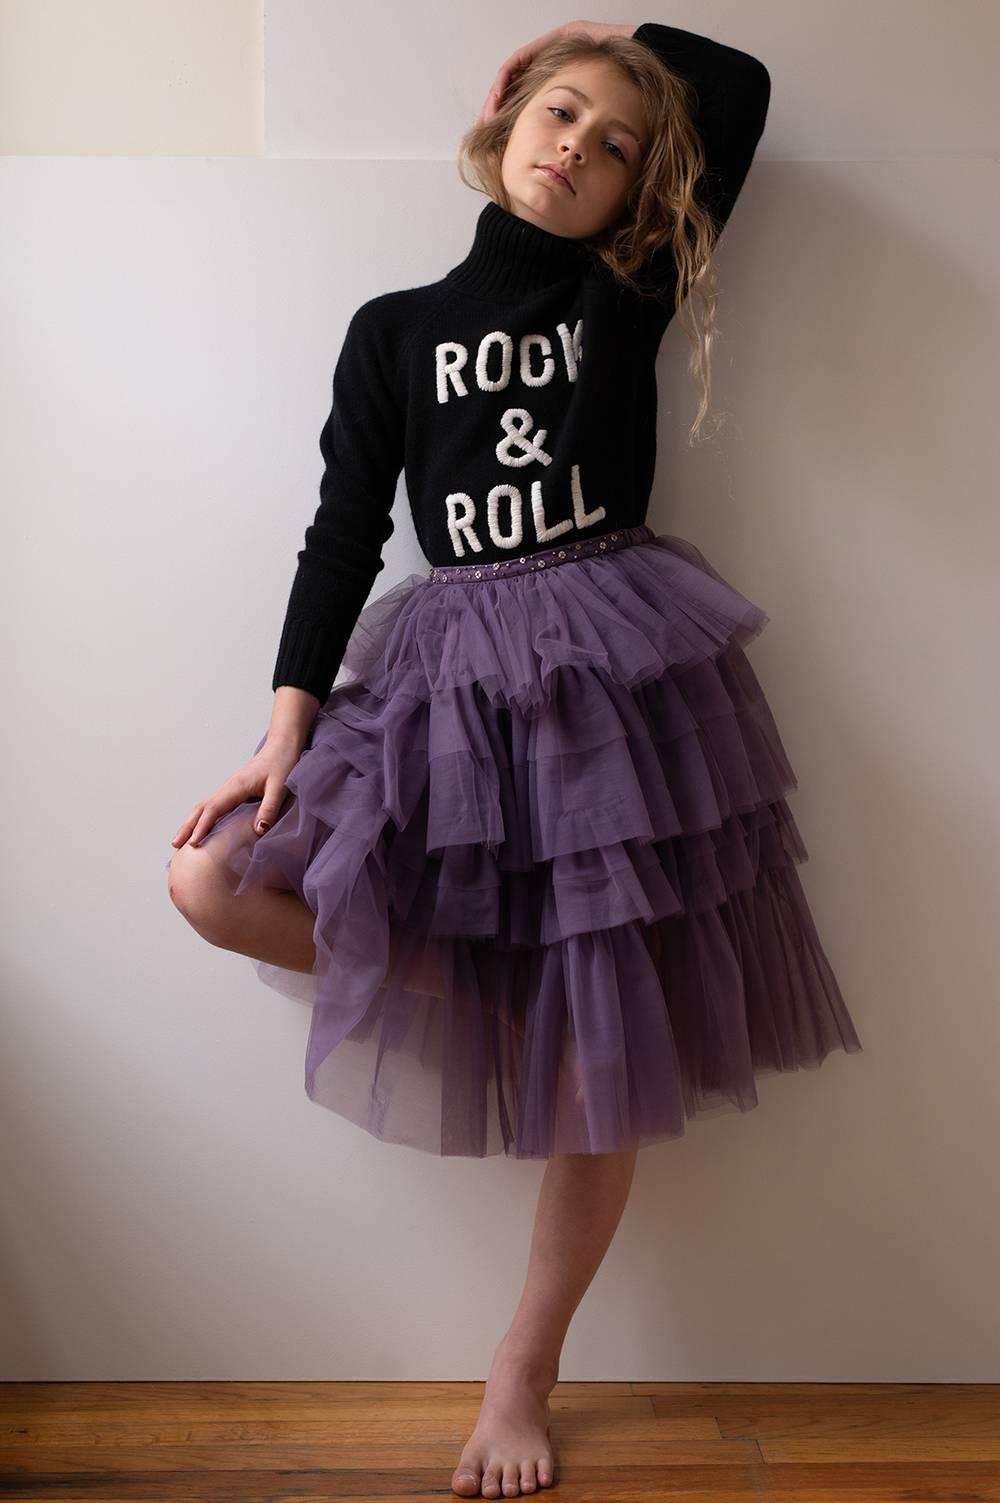 StellaWall_RocknRoll_WEB.jpg